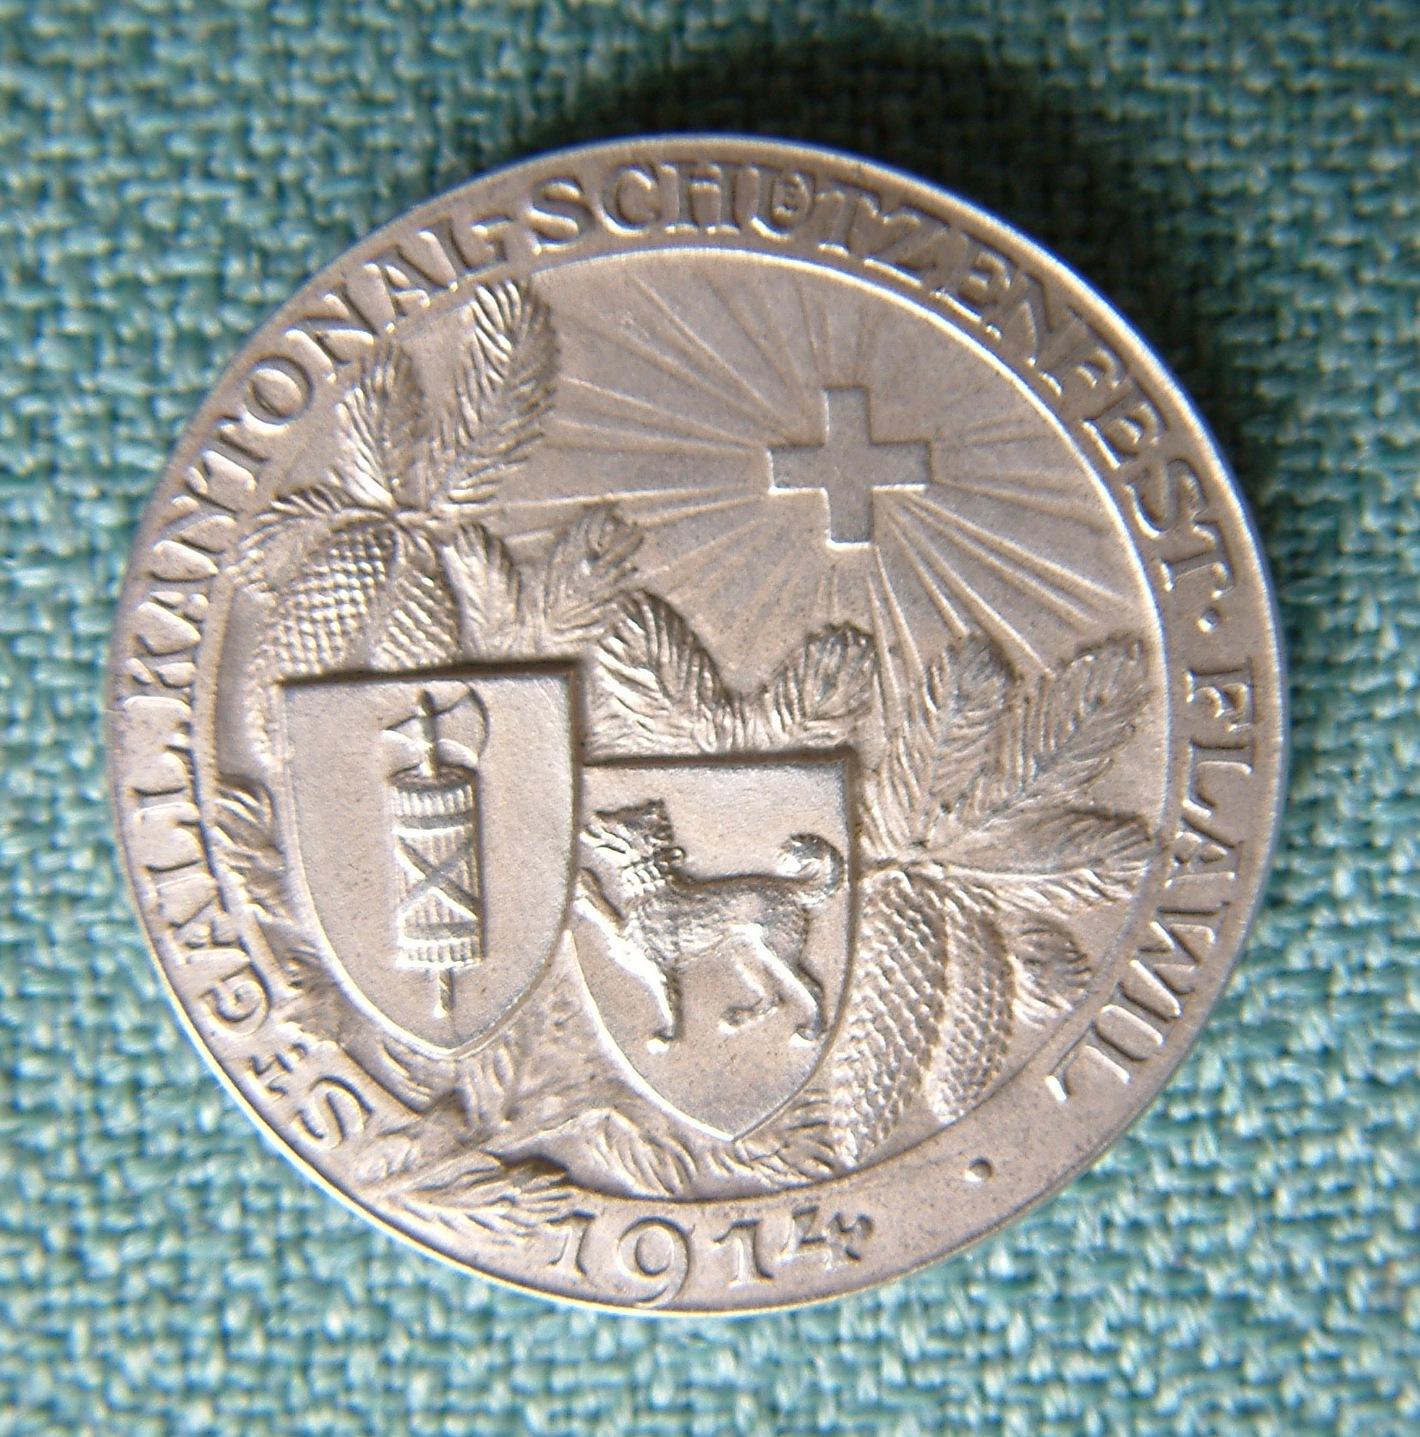 Schützenmedaille des Kantonal-Schützenfestes Flawil von 1914